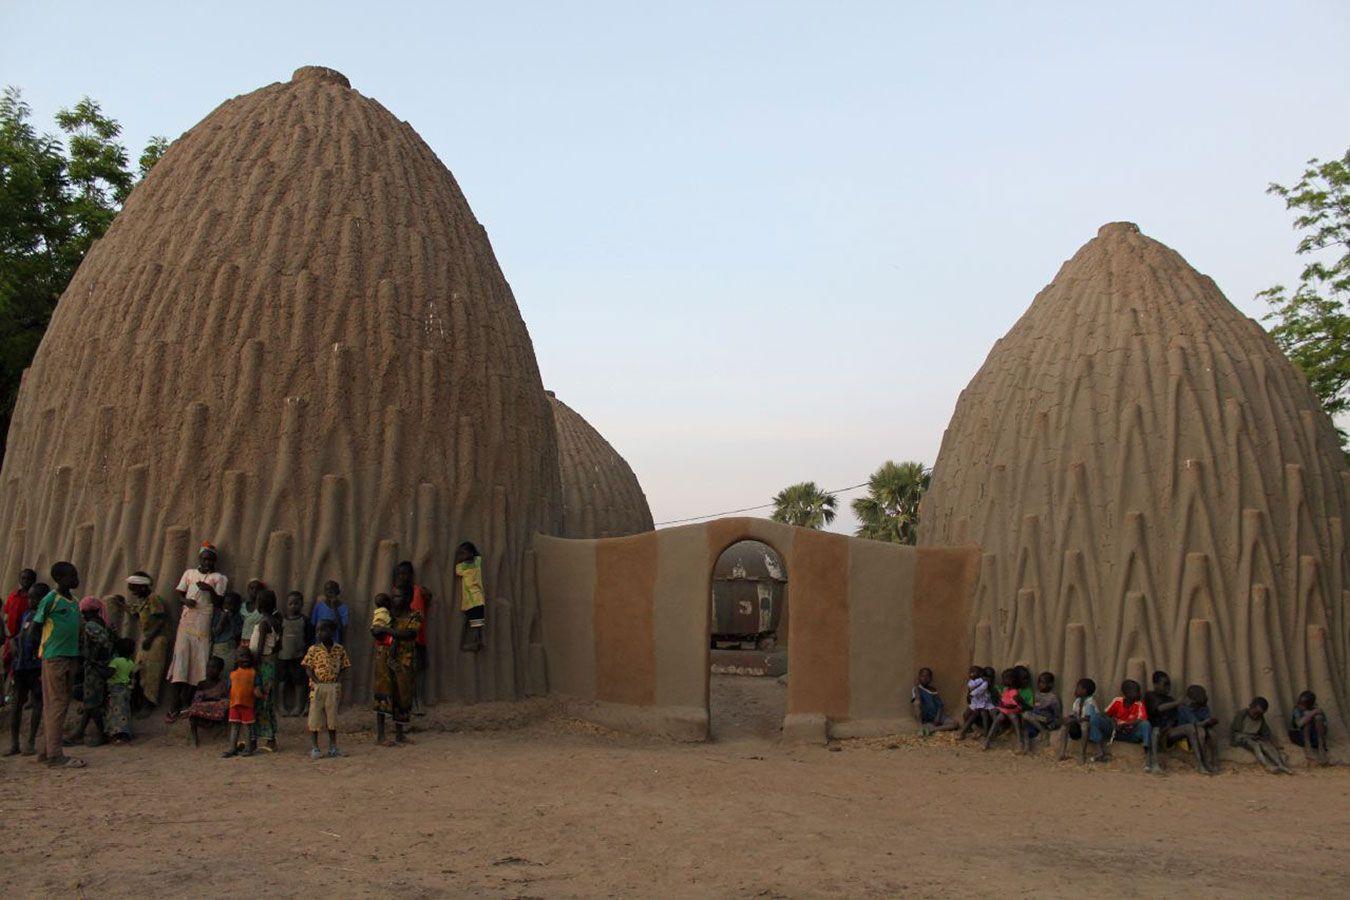 Musgum Dwellings Cameroon